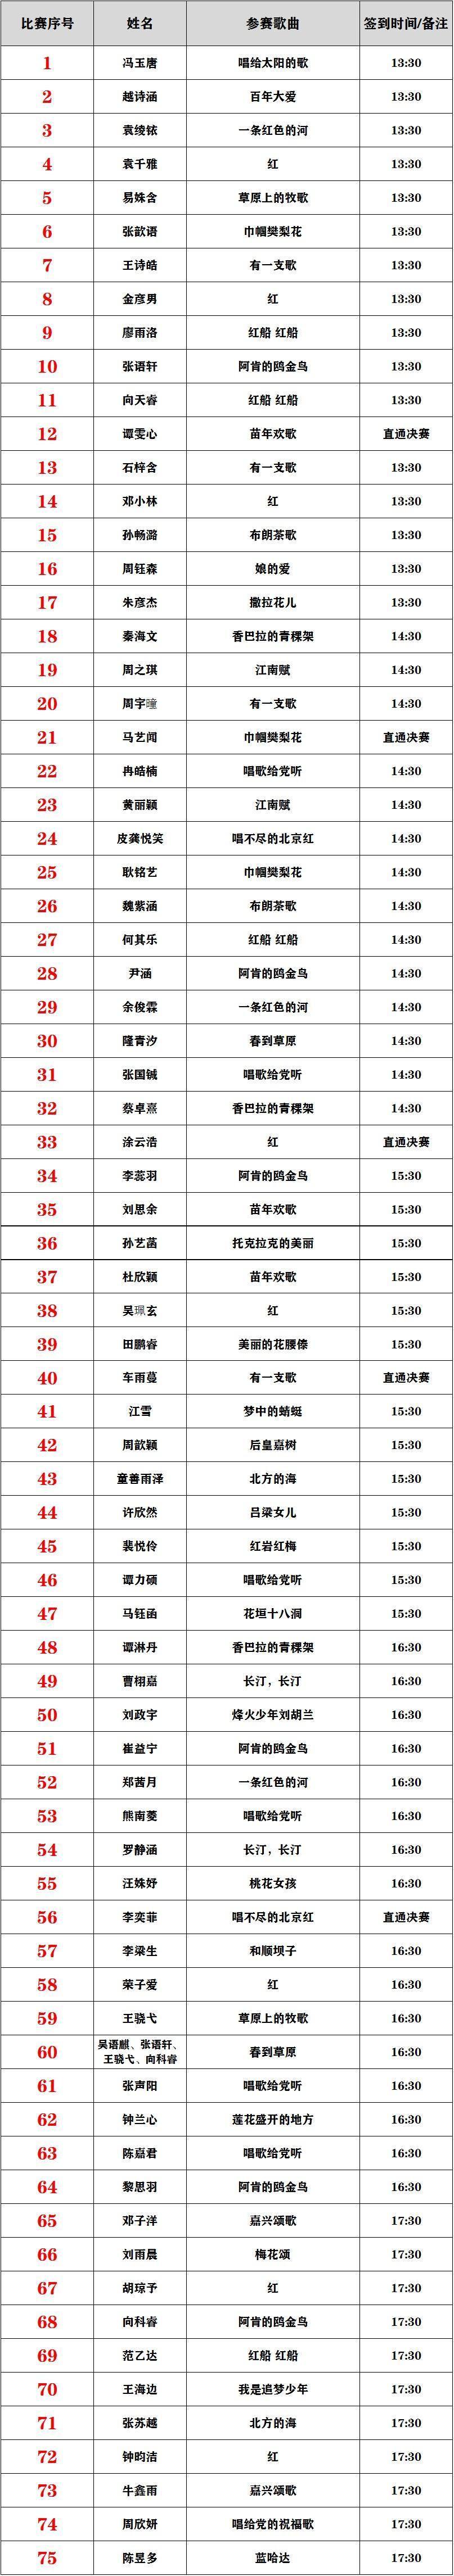 2021第17届快乐阳光全国少歌赛【重庆赛区】复赛比赛通知 第12张